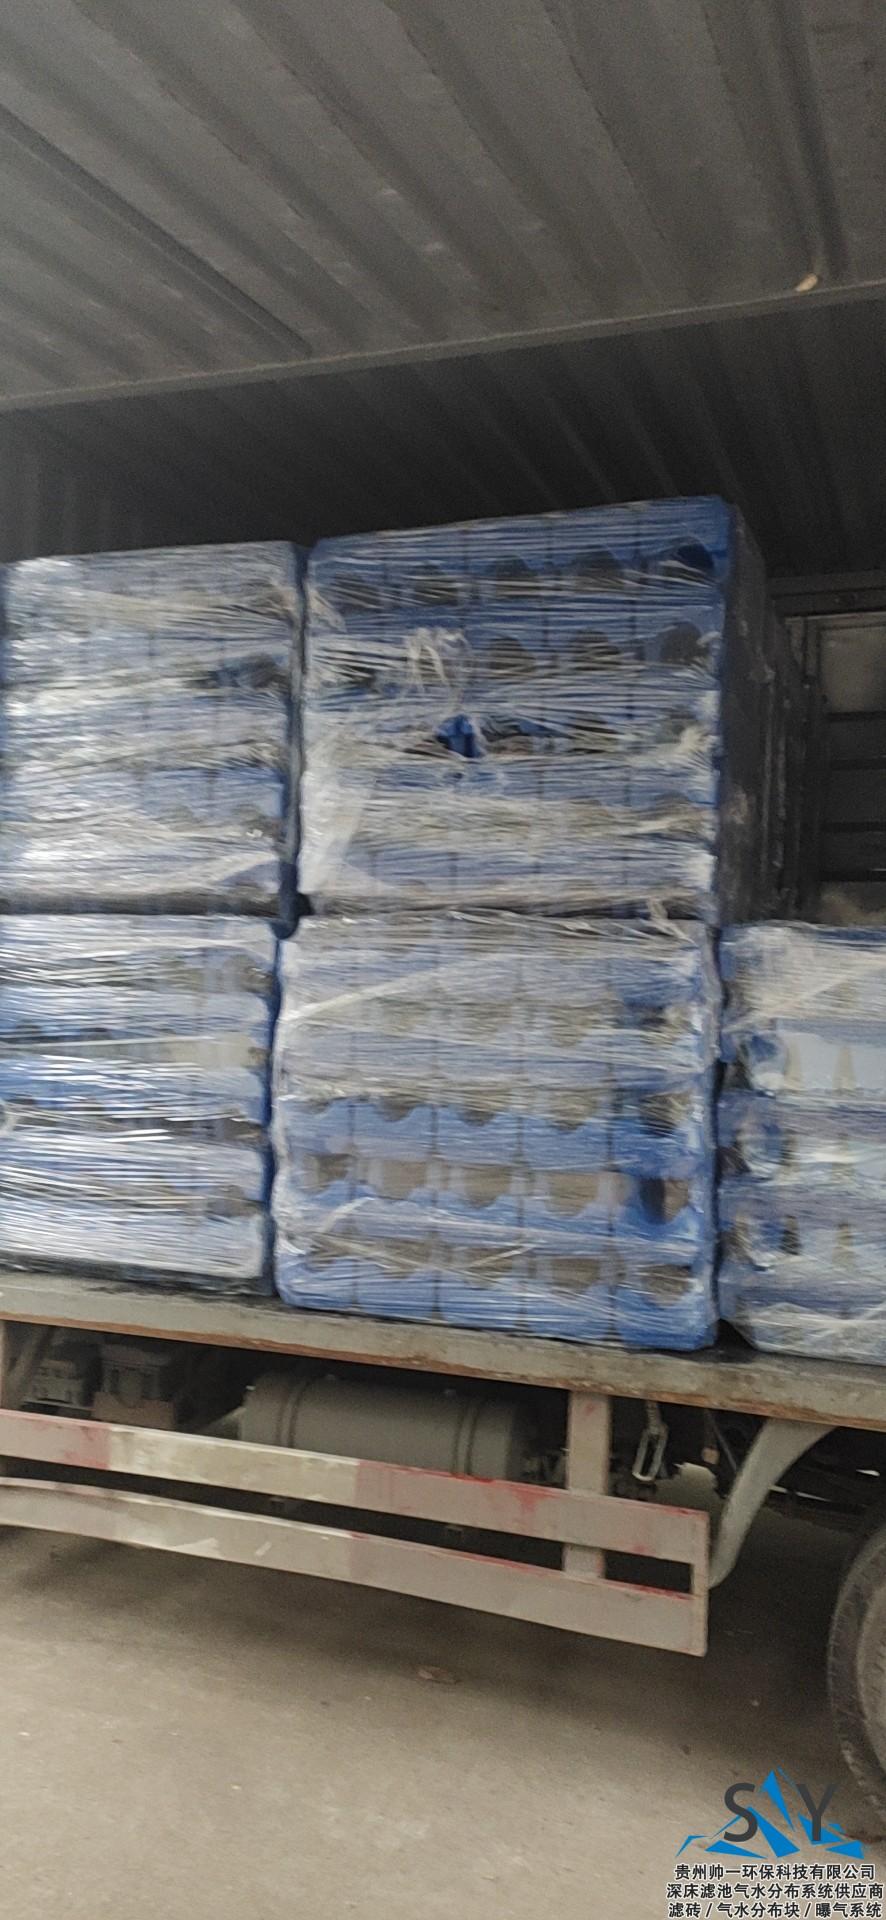 mmexport1575884375129 - 新疆哈密巴里坤县污水处理厂反硝化滤池项目 帅一环保